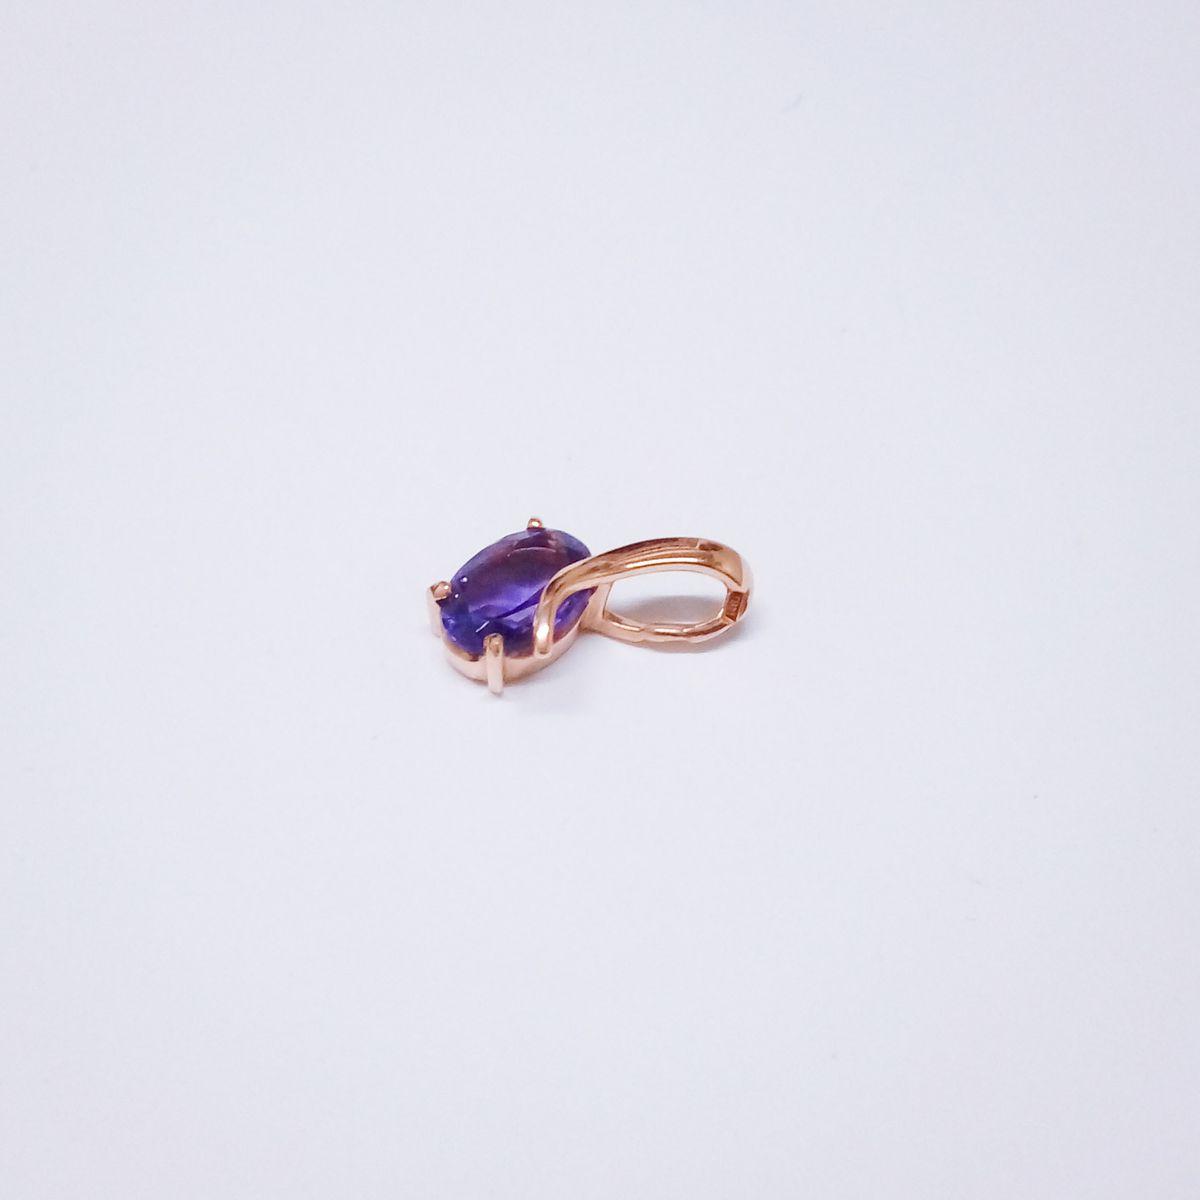 Красивая подвеска с аметистом насыщенно-фиолетового цвета